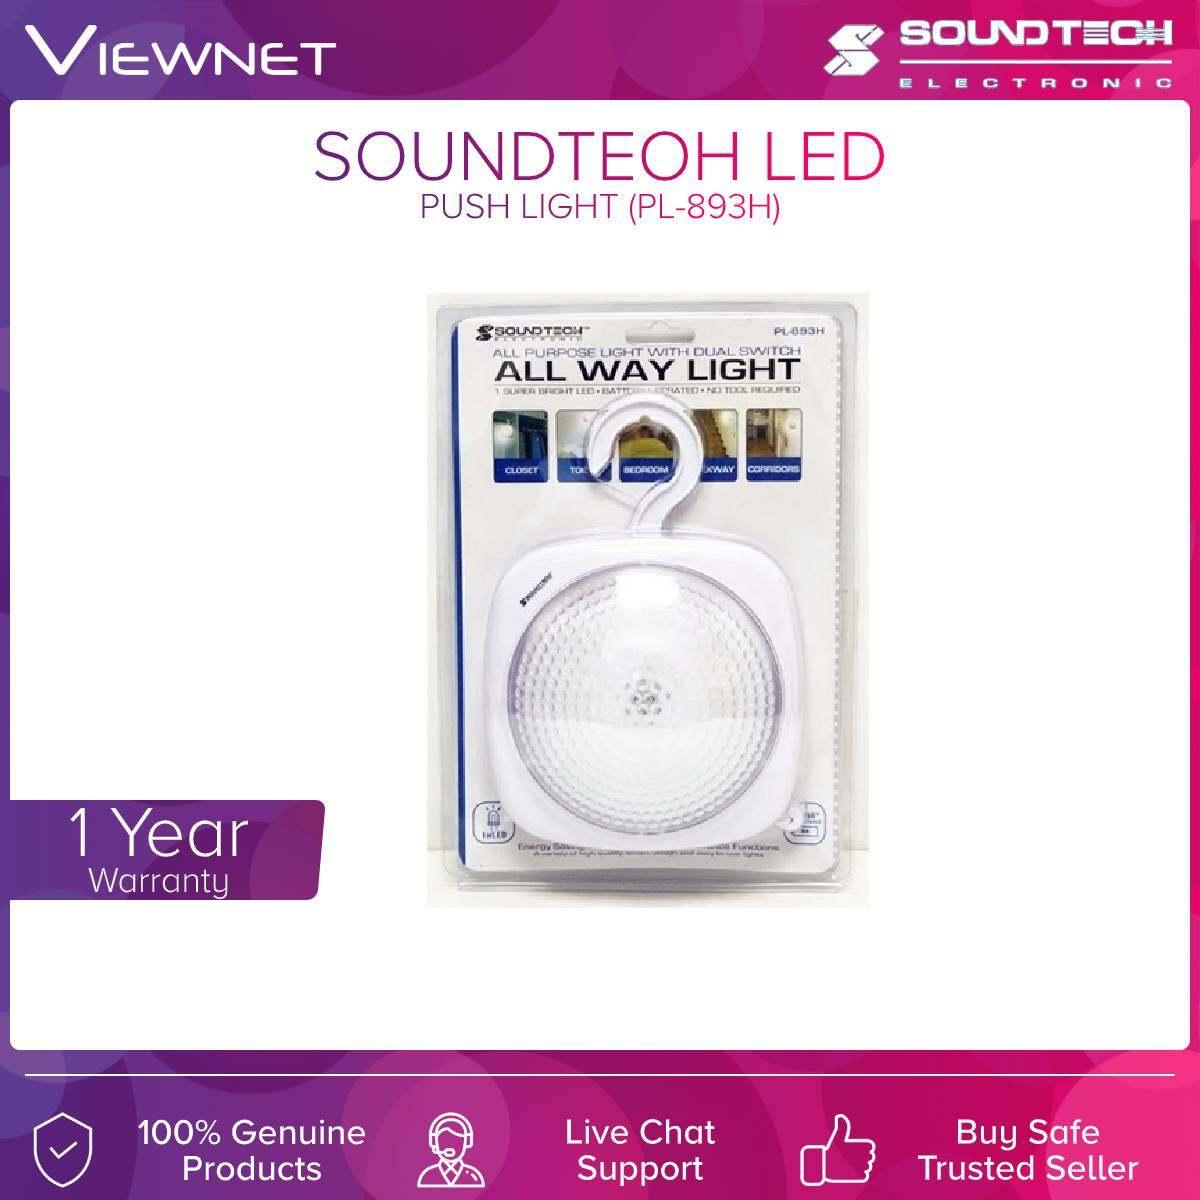 Soundteoh (PL-893H) Led Push Light